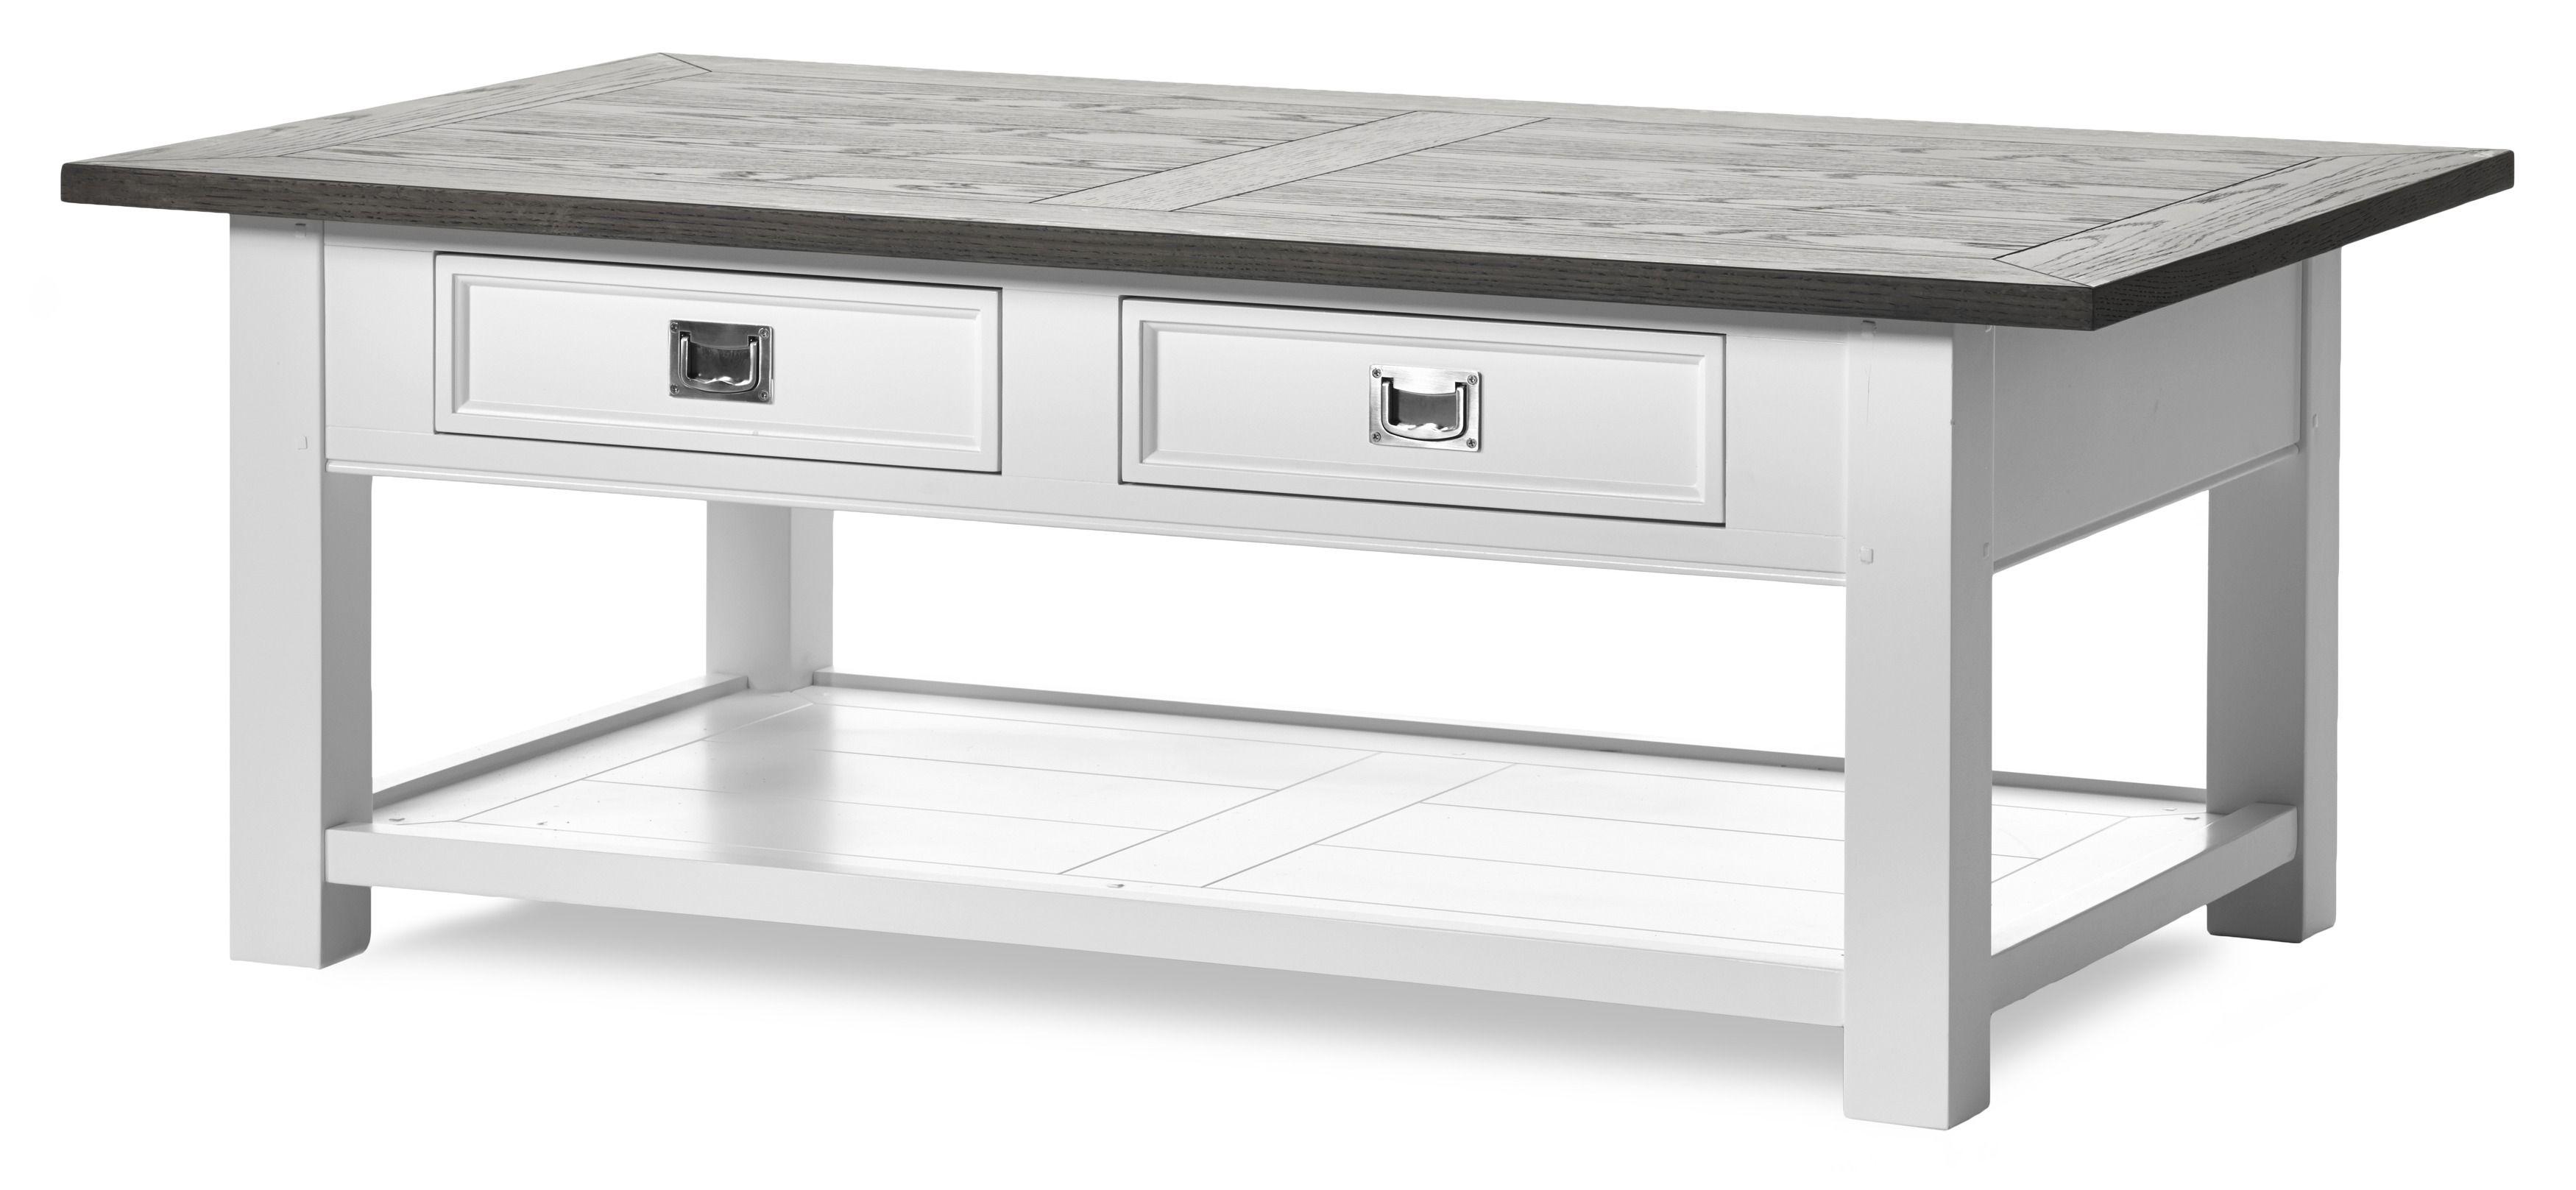 Alle nye Med Skagen soffbord får du ett vackert bord som har gott om MR-11